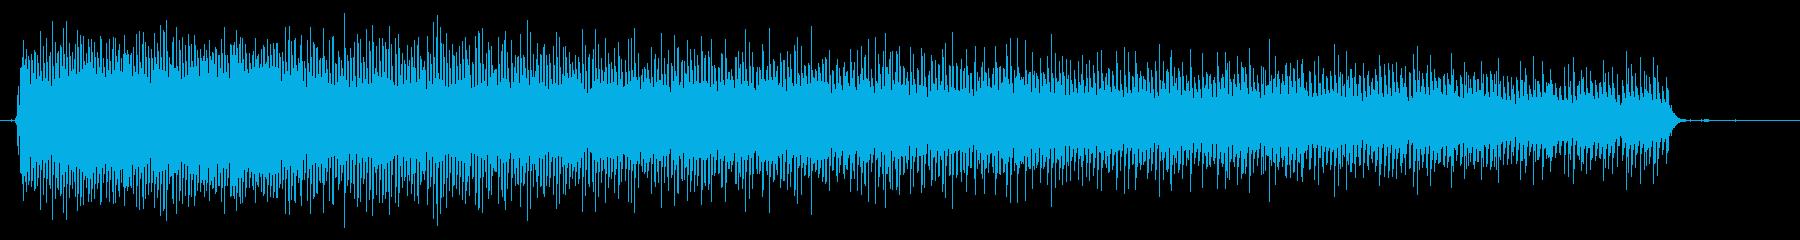 目覚まし時計の音の再生済みの波形